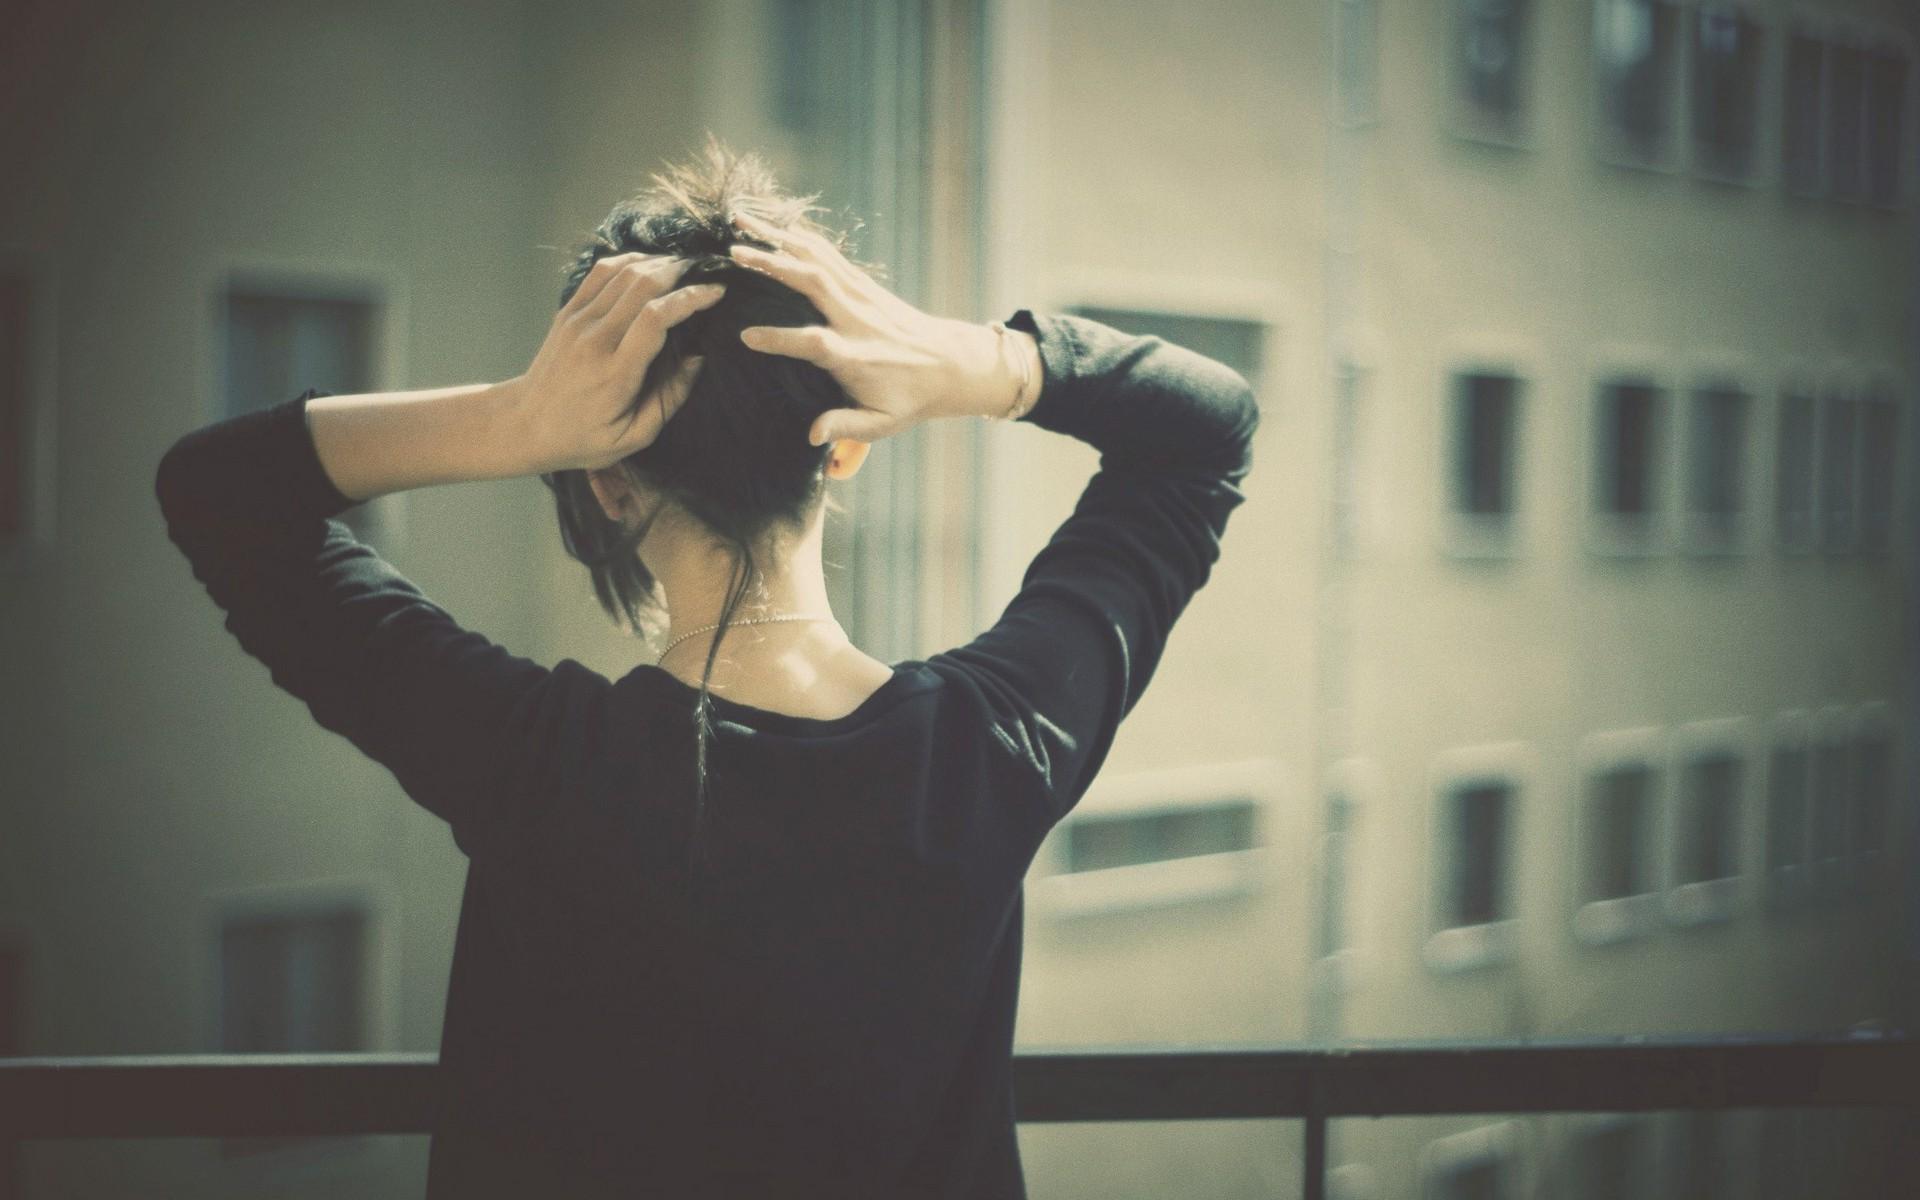 Девушка брюнетка размытое фото на аву